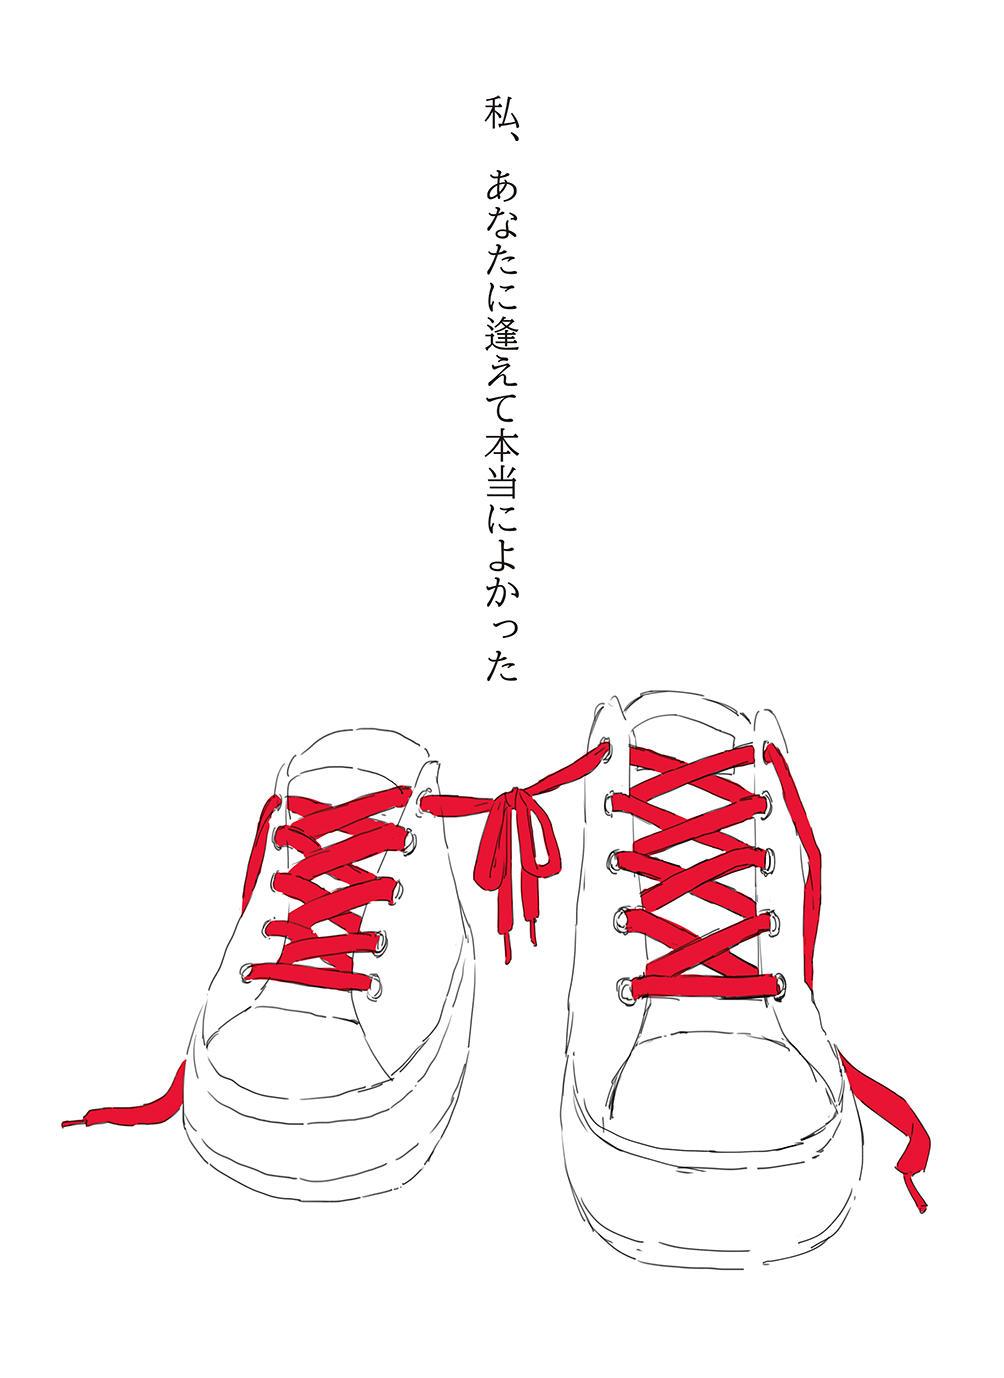 最優秀賞を受賞した保田さんの作品